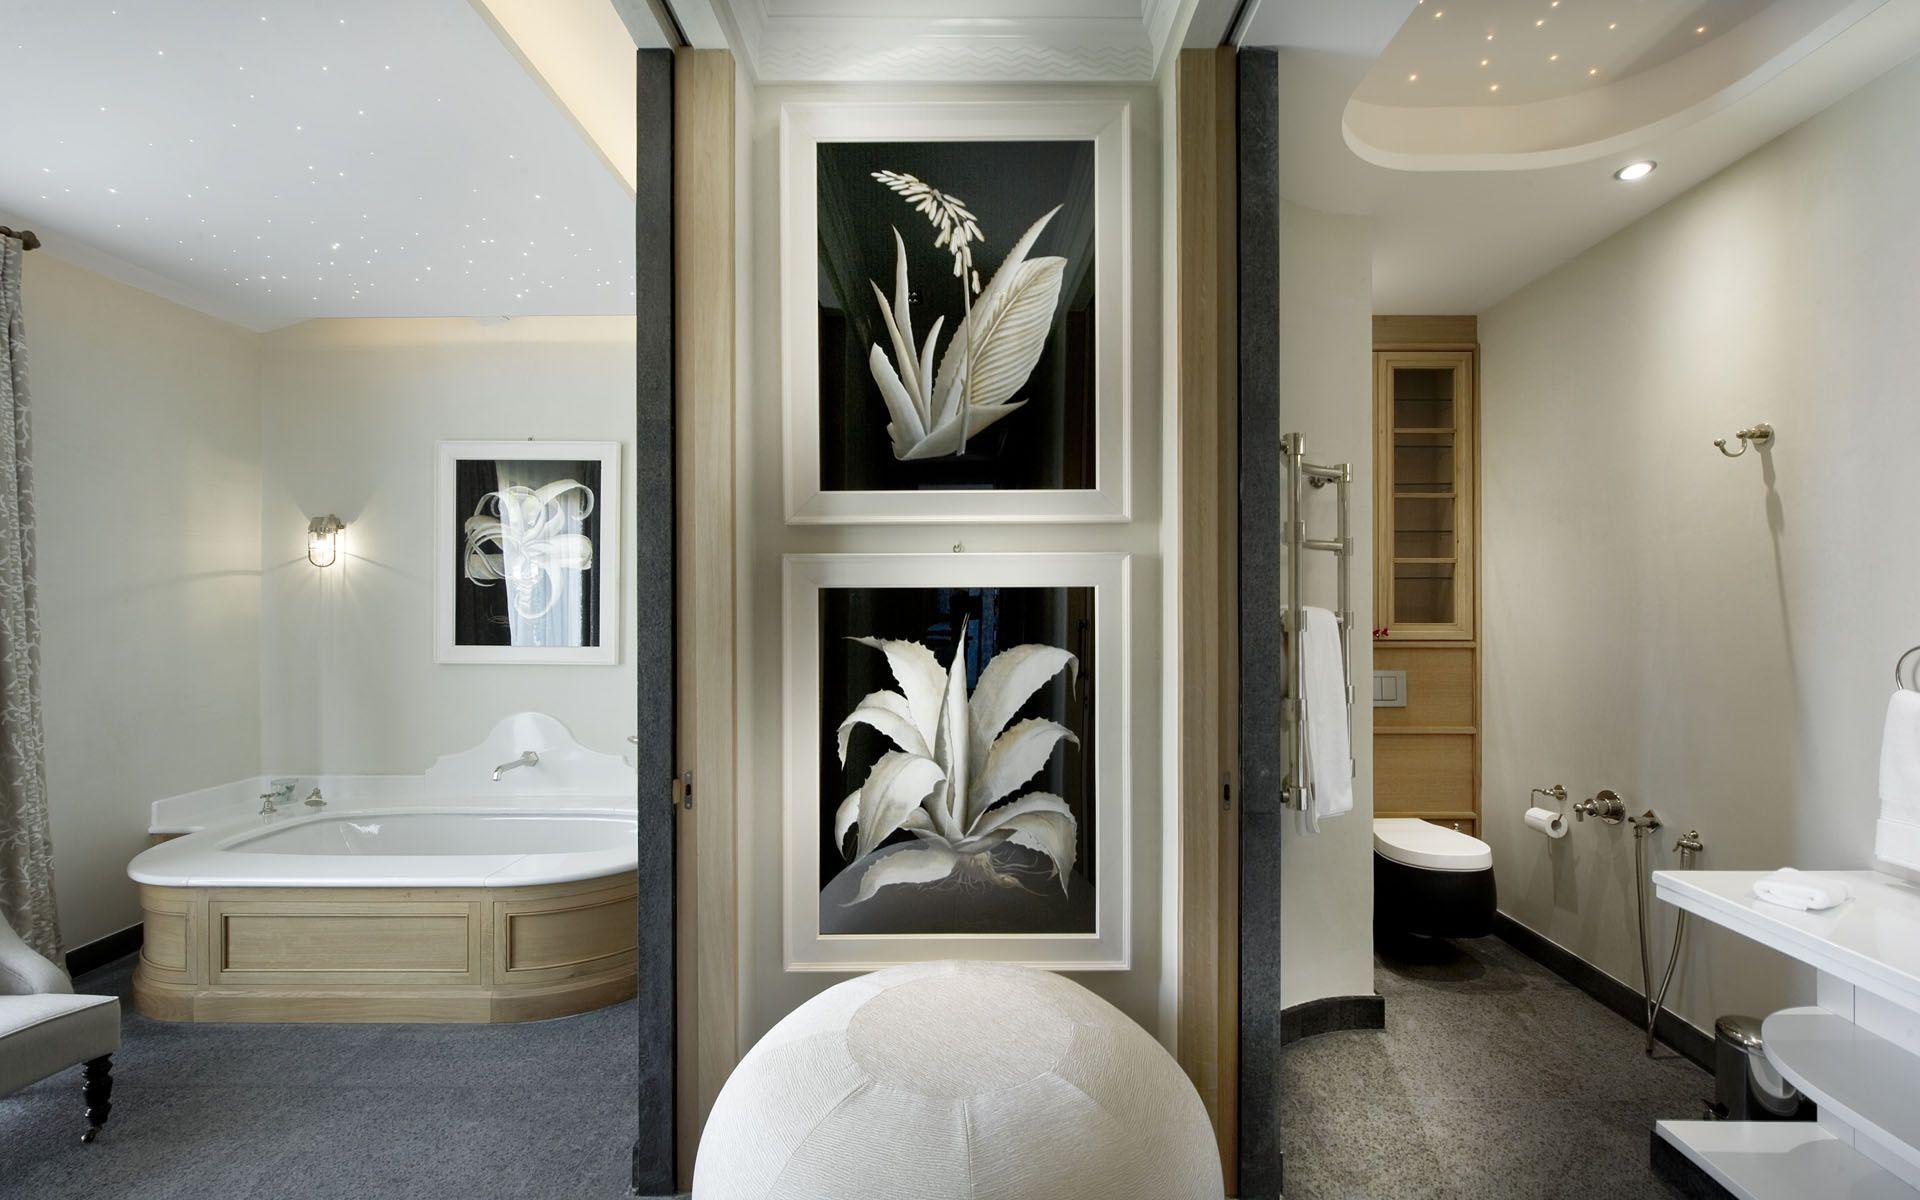 Badezimmer ideen und farben badezimmer dekor ideen  mehr auf unserer website  wenn es um die